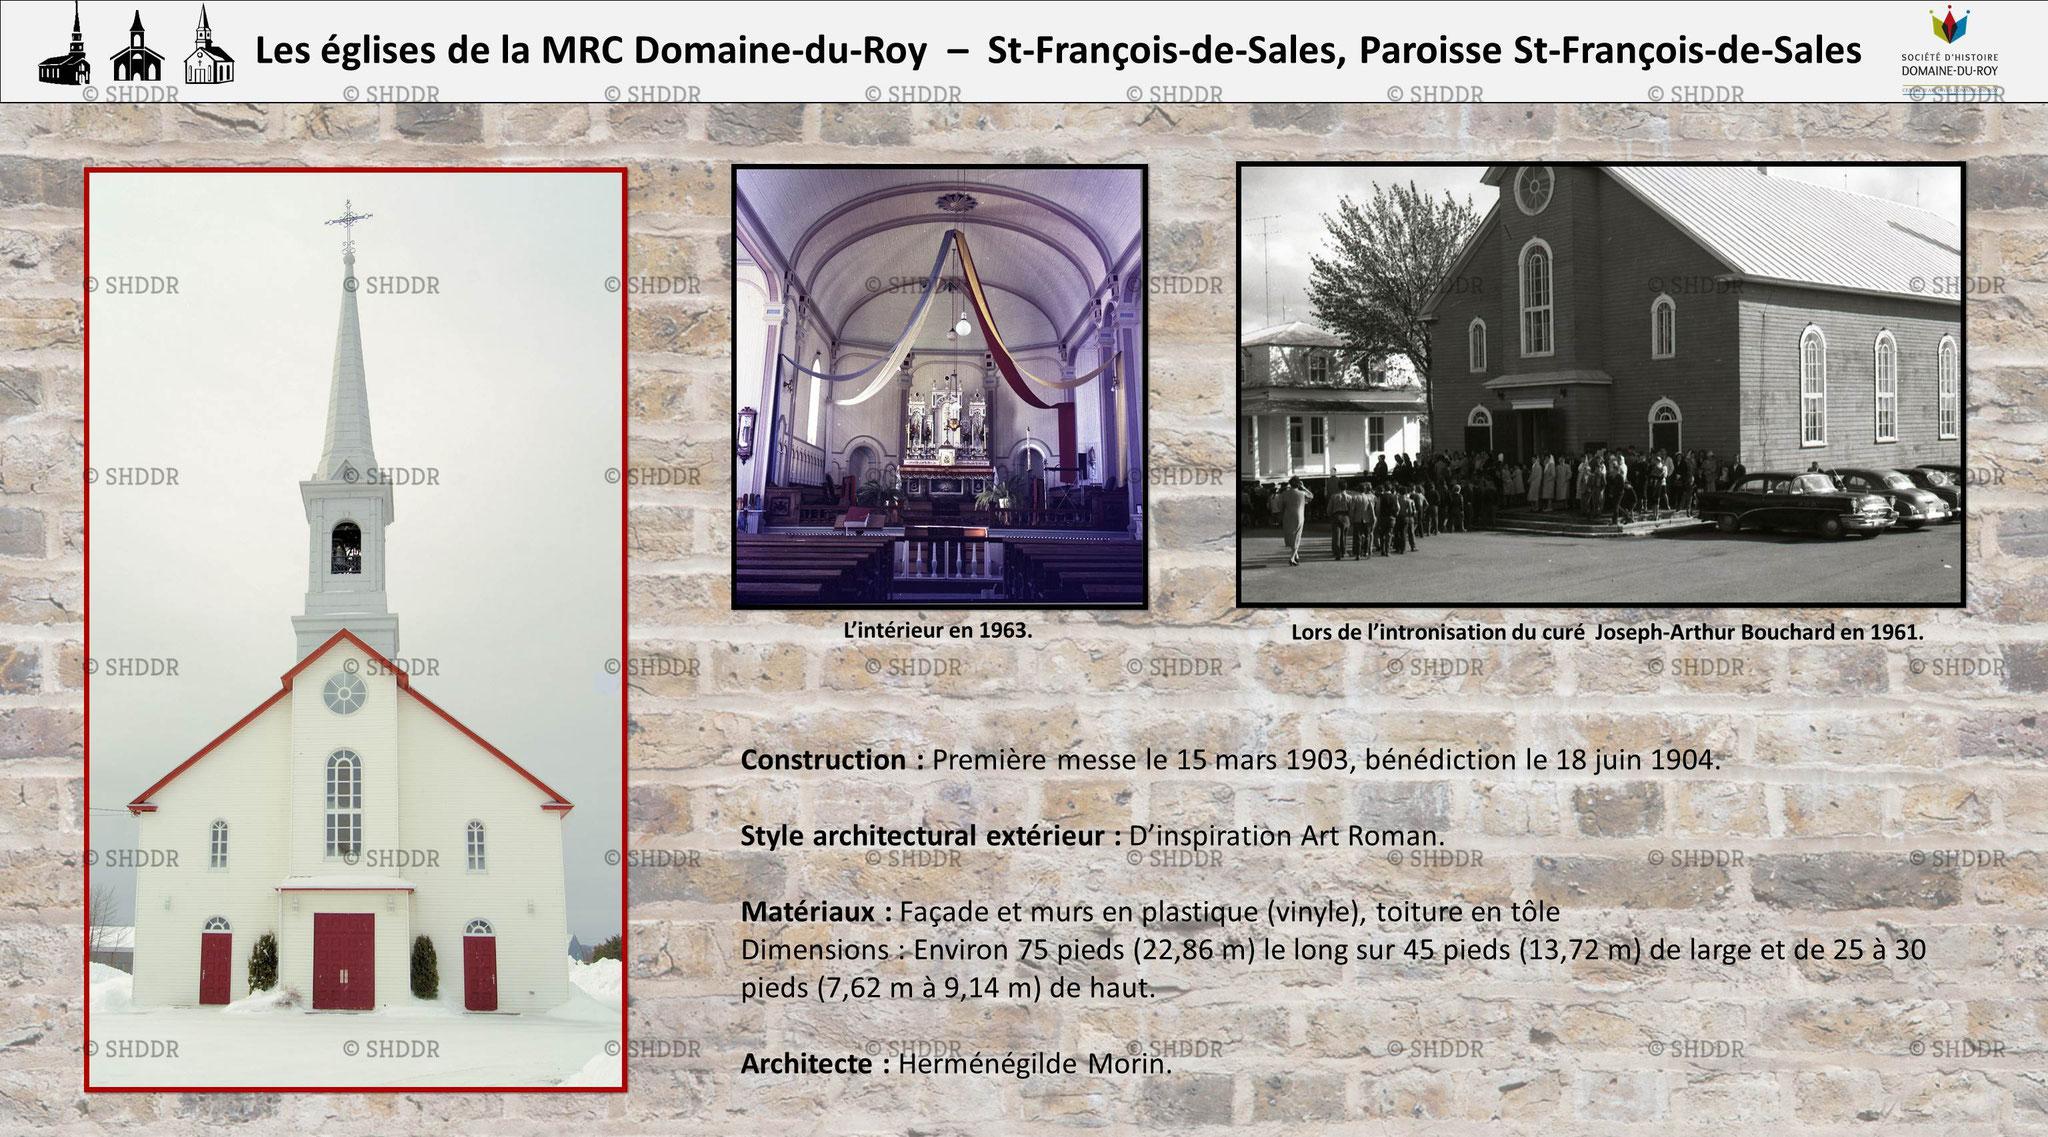 Saint-François-de-Sales - Paroisse St-François-de-Sales